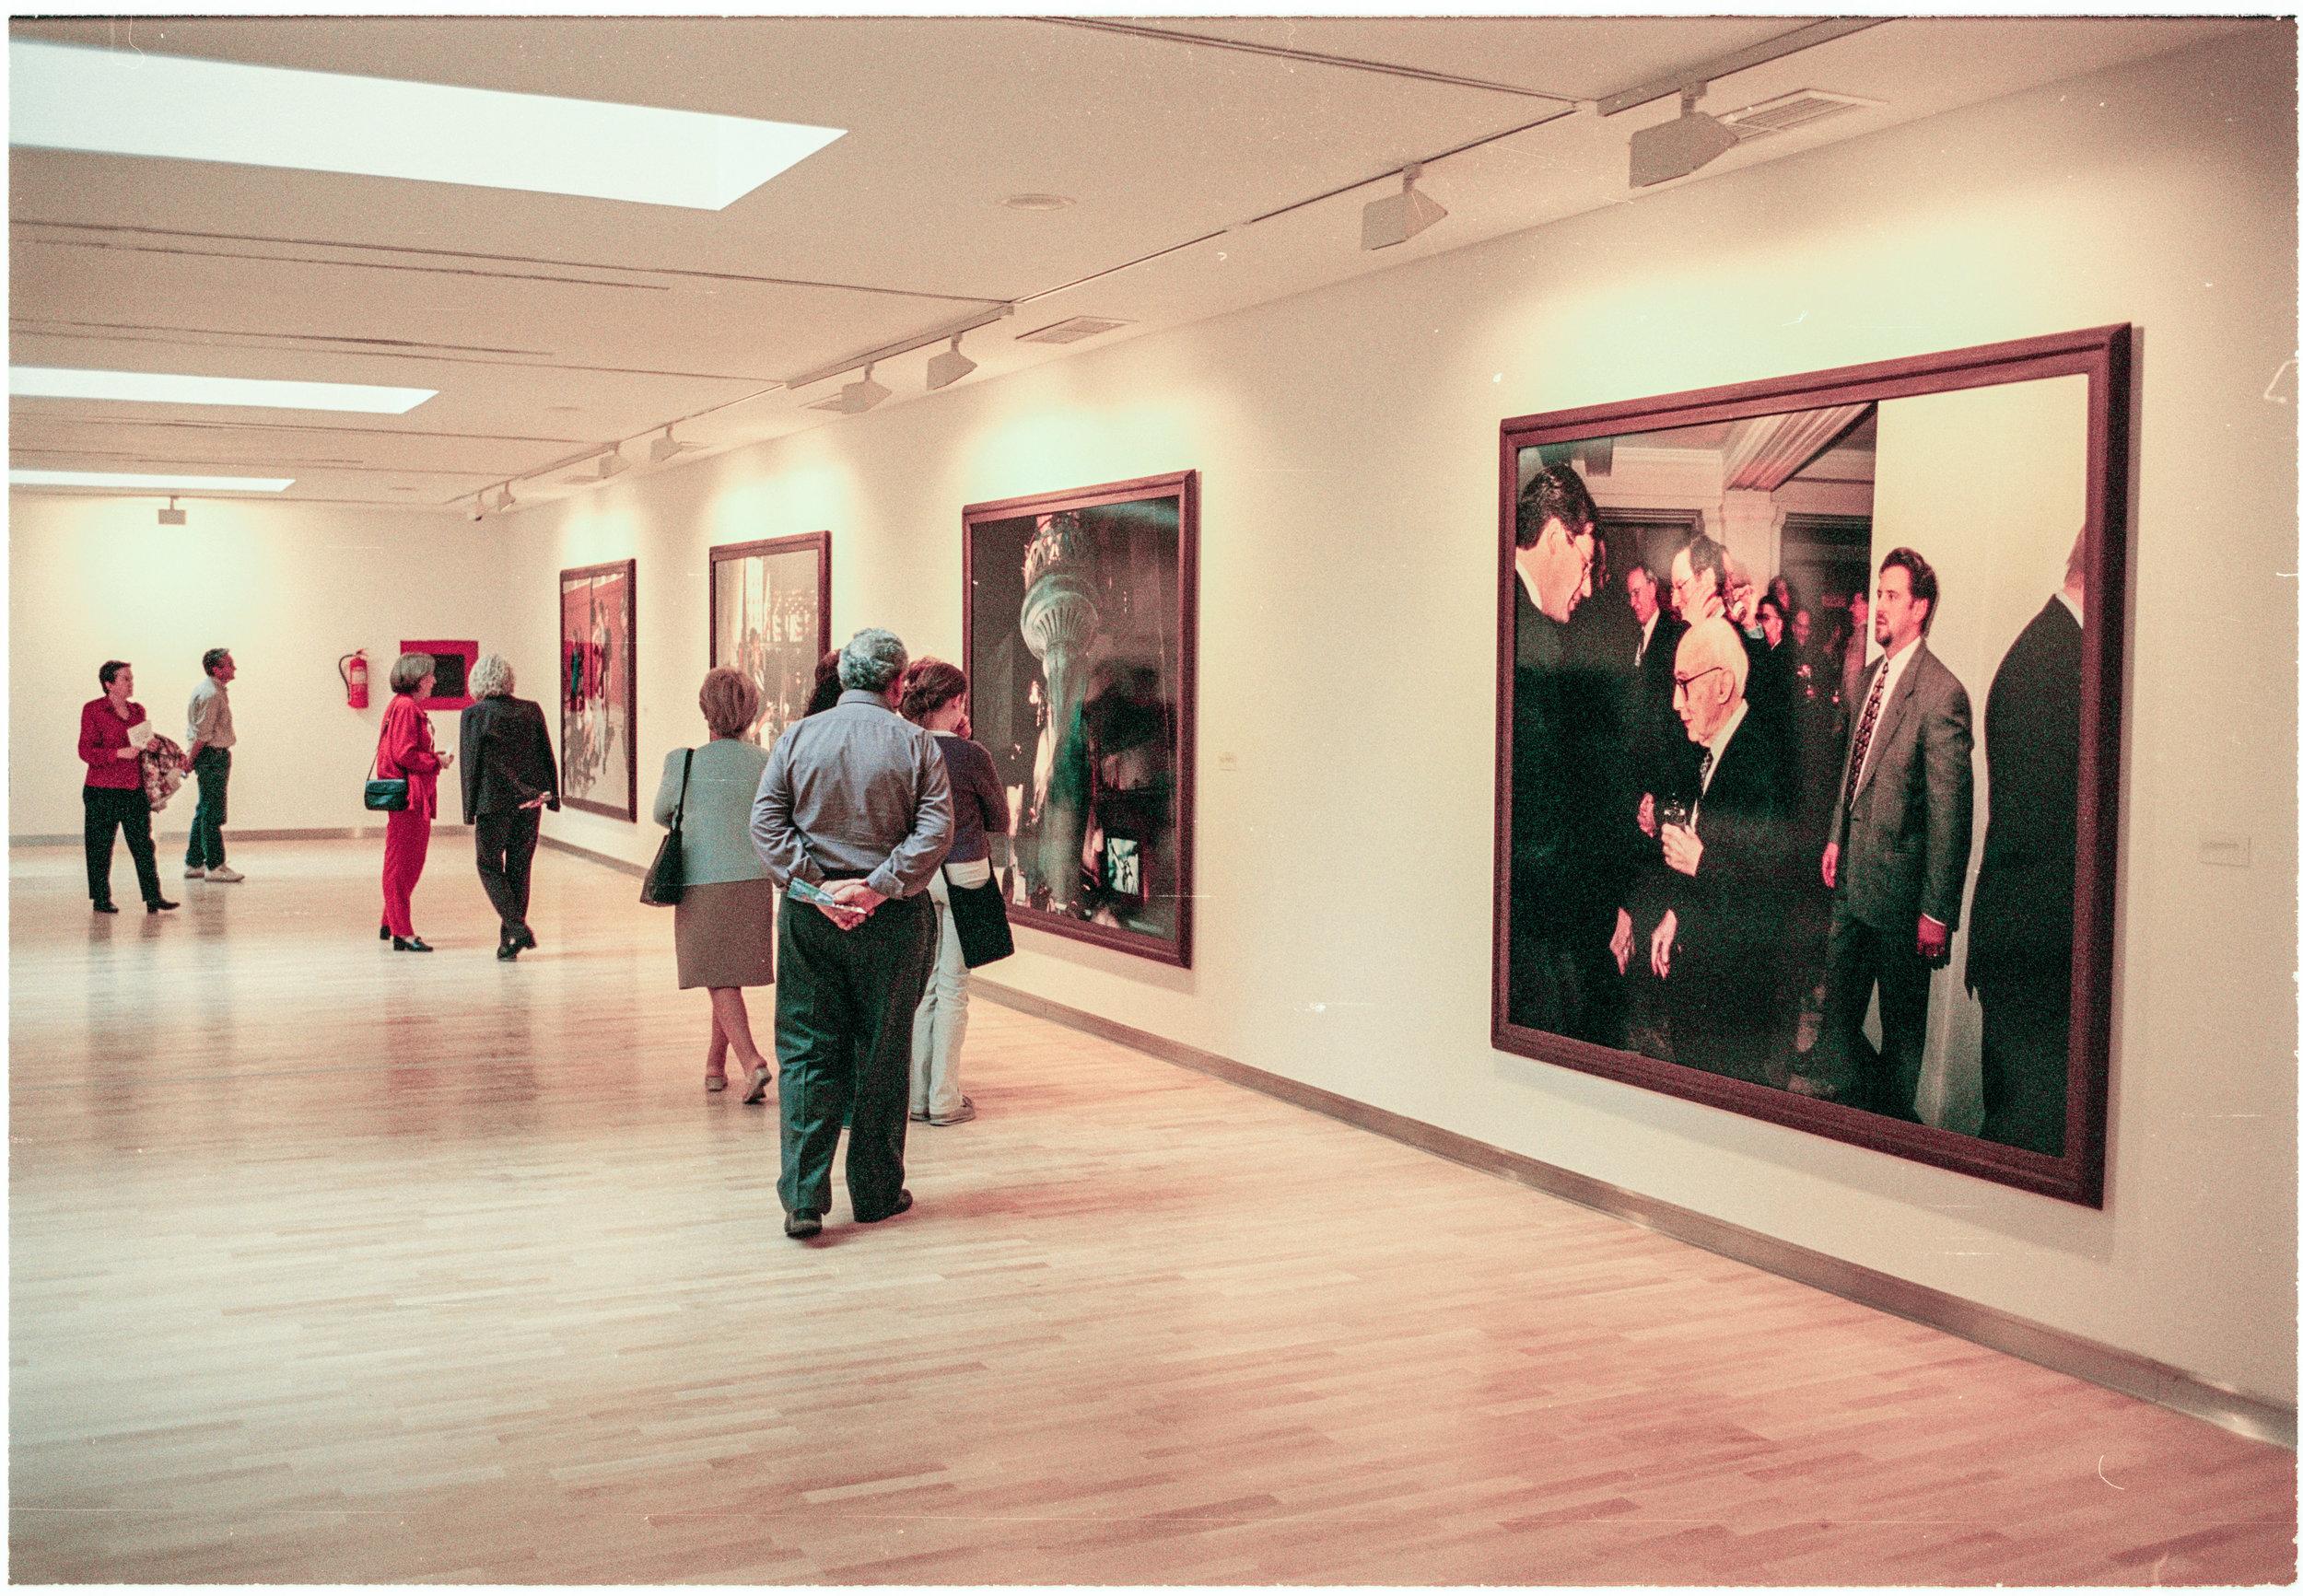 4-07-18-neg-kleur-expo-Salamanca-2002-Tableaux-D-Histoire-10 001.jpg